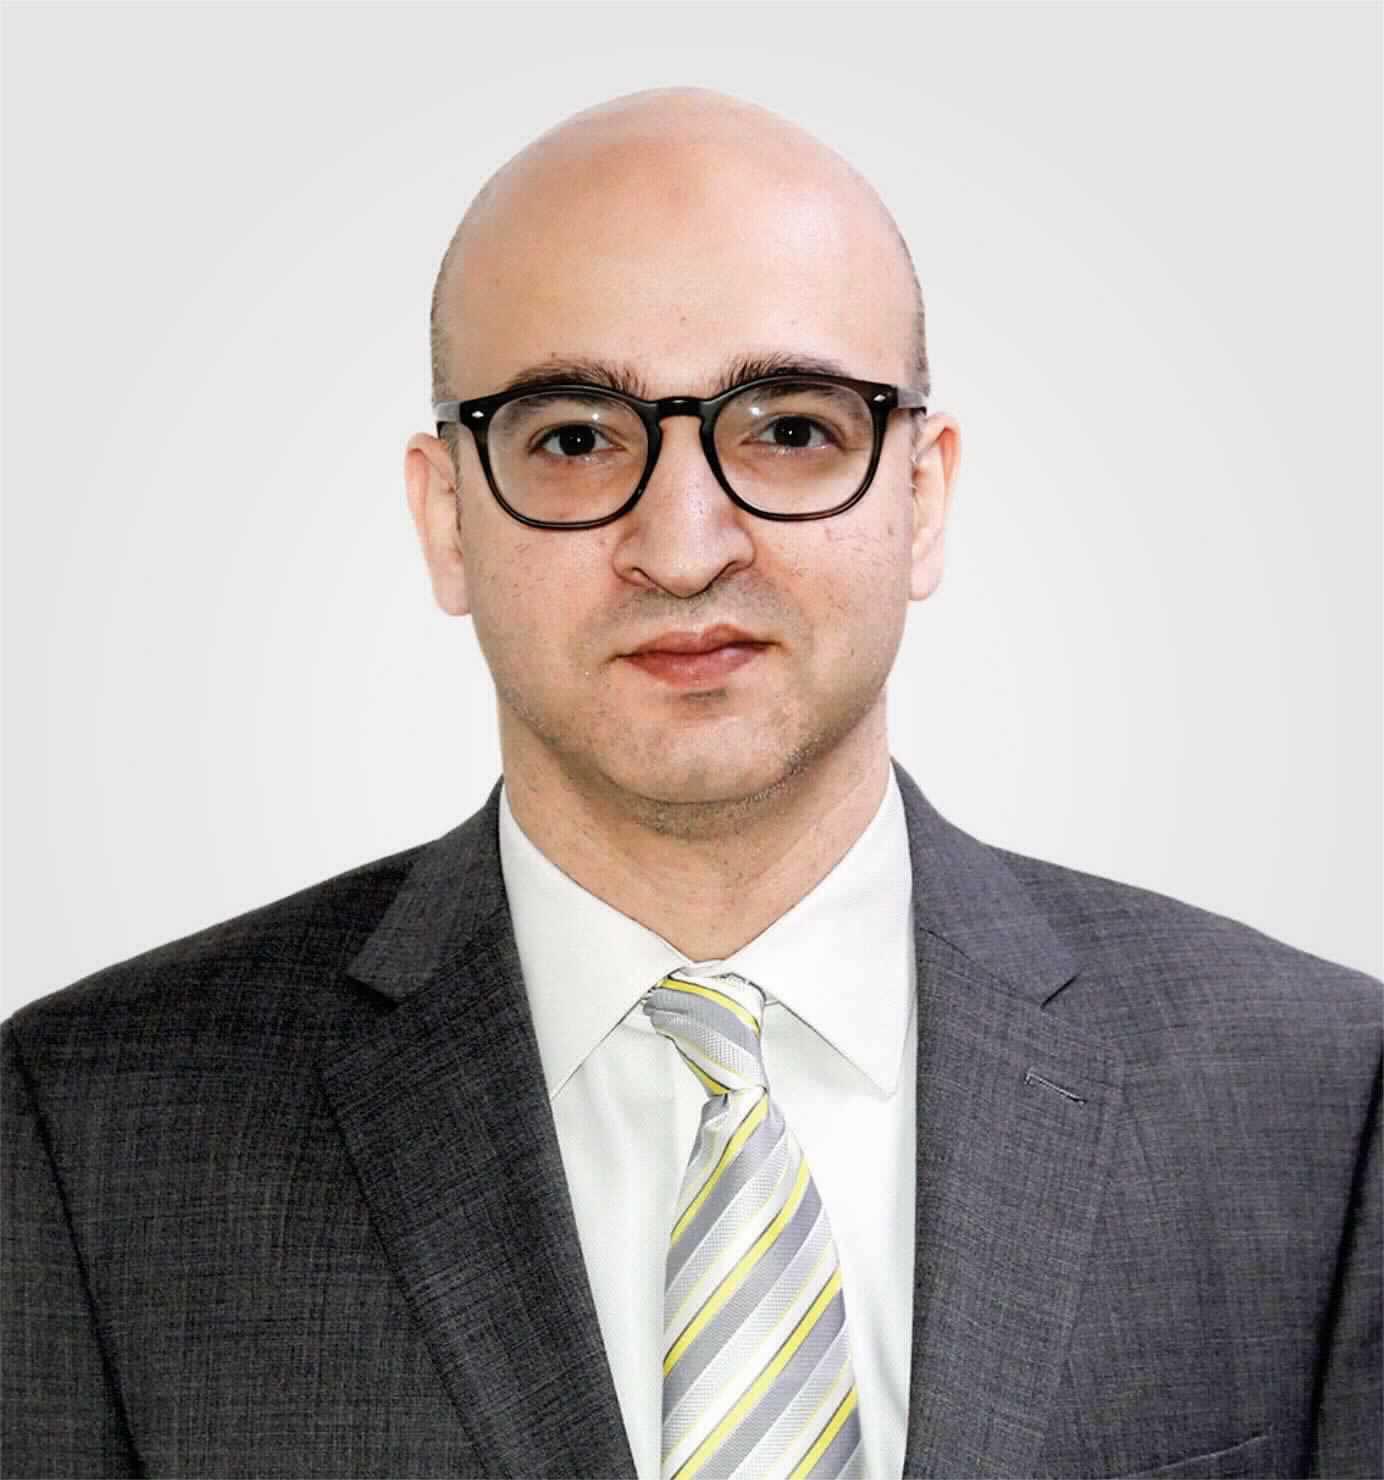 Hadi Mohammad Khan